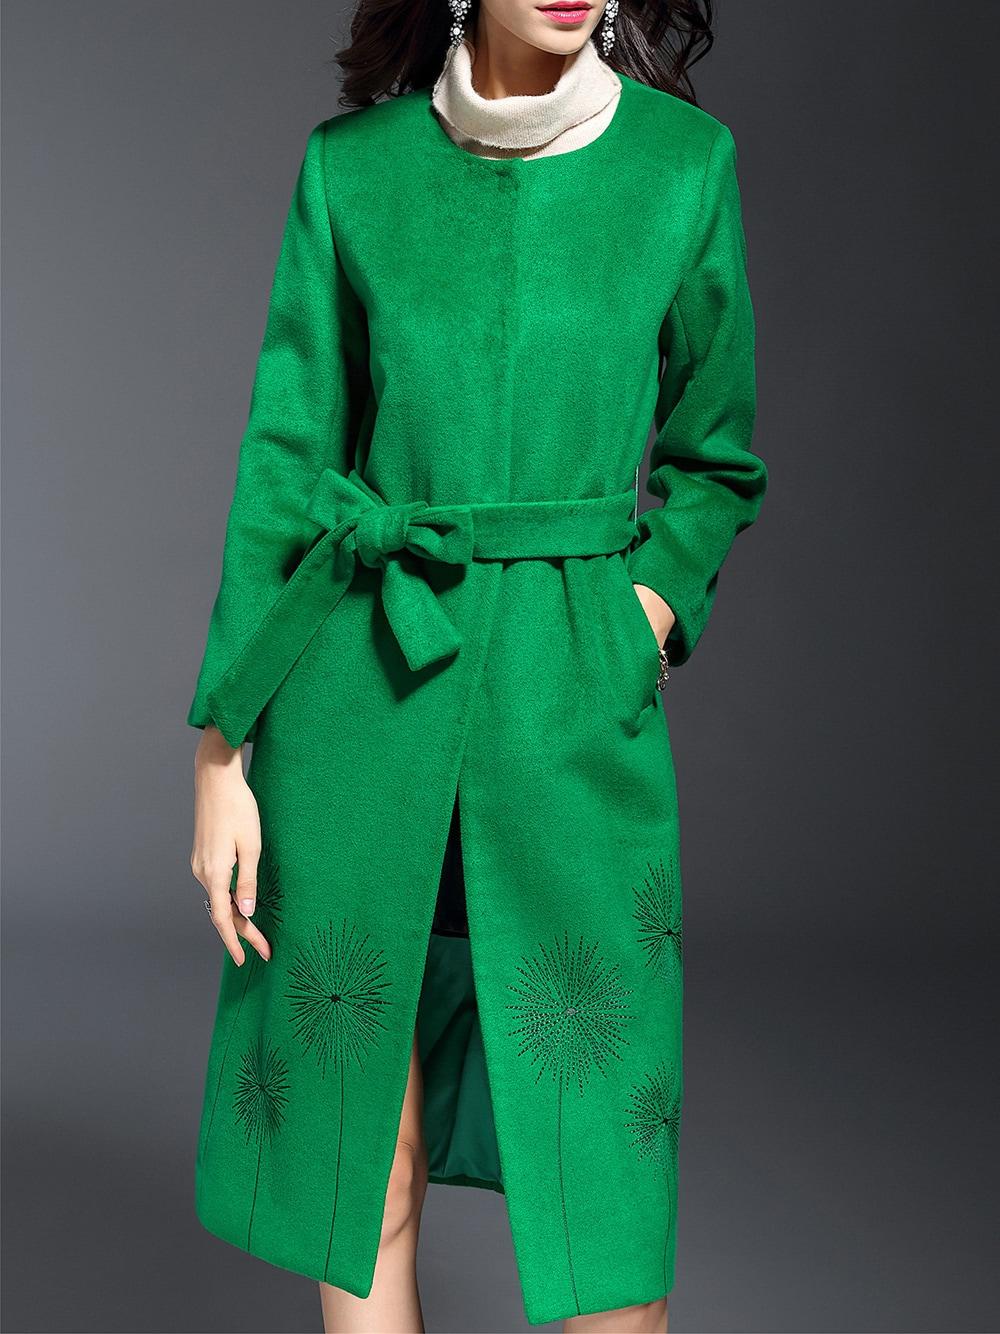 Фото Green Embroidered Tie-Waist Coat. Купить с доставкой